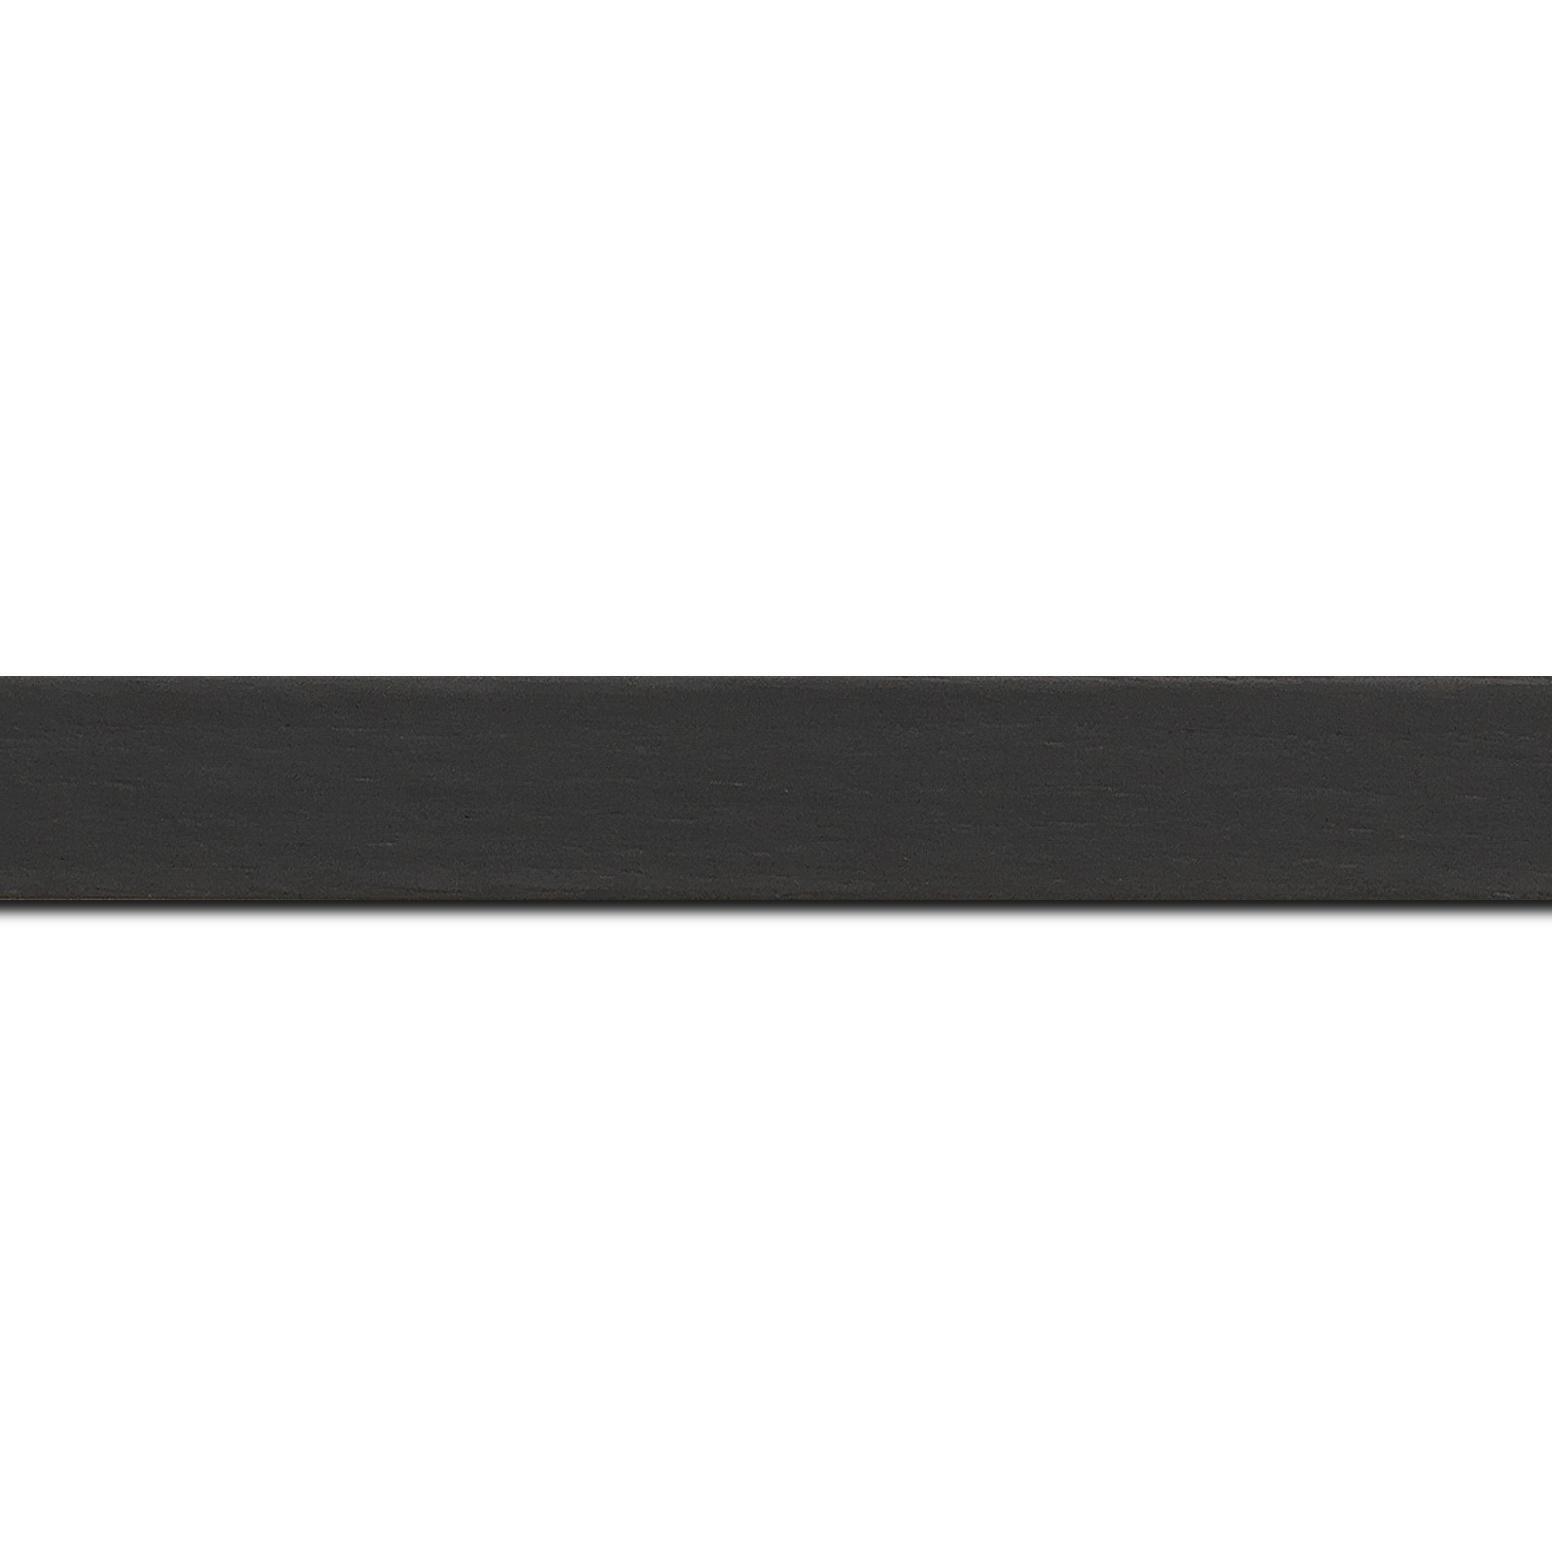 Pack par 12m, bois profil plat largeur 2.5cm plaquage haut de gamme chêne teinté noir(longueur baguette pouvant varier entre 2.40m et 3m selon arrivage des bois)